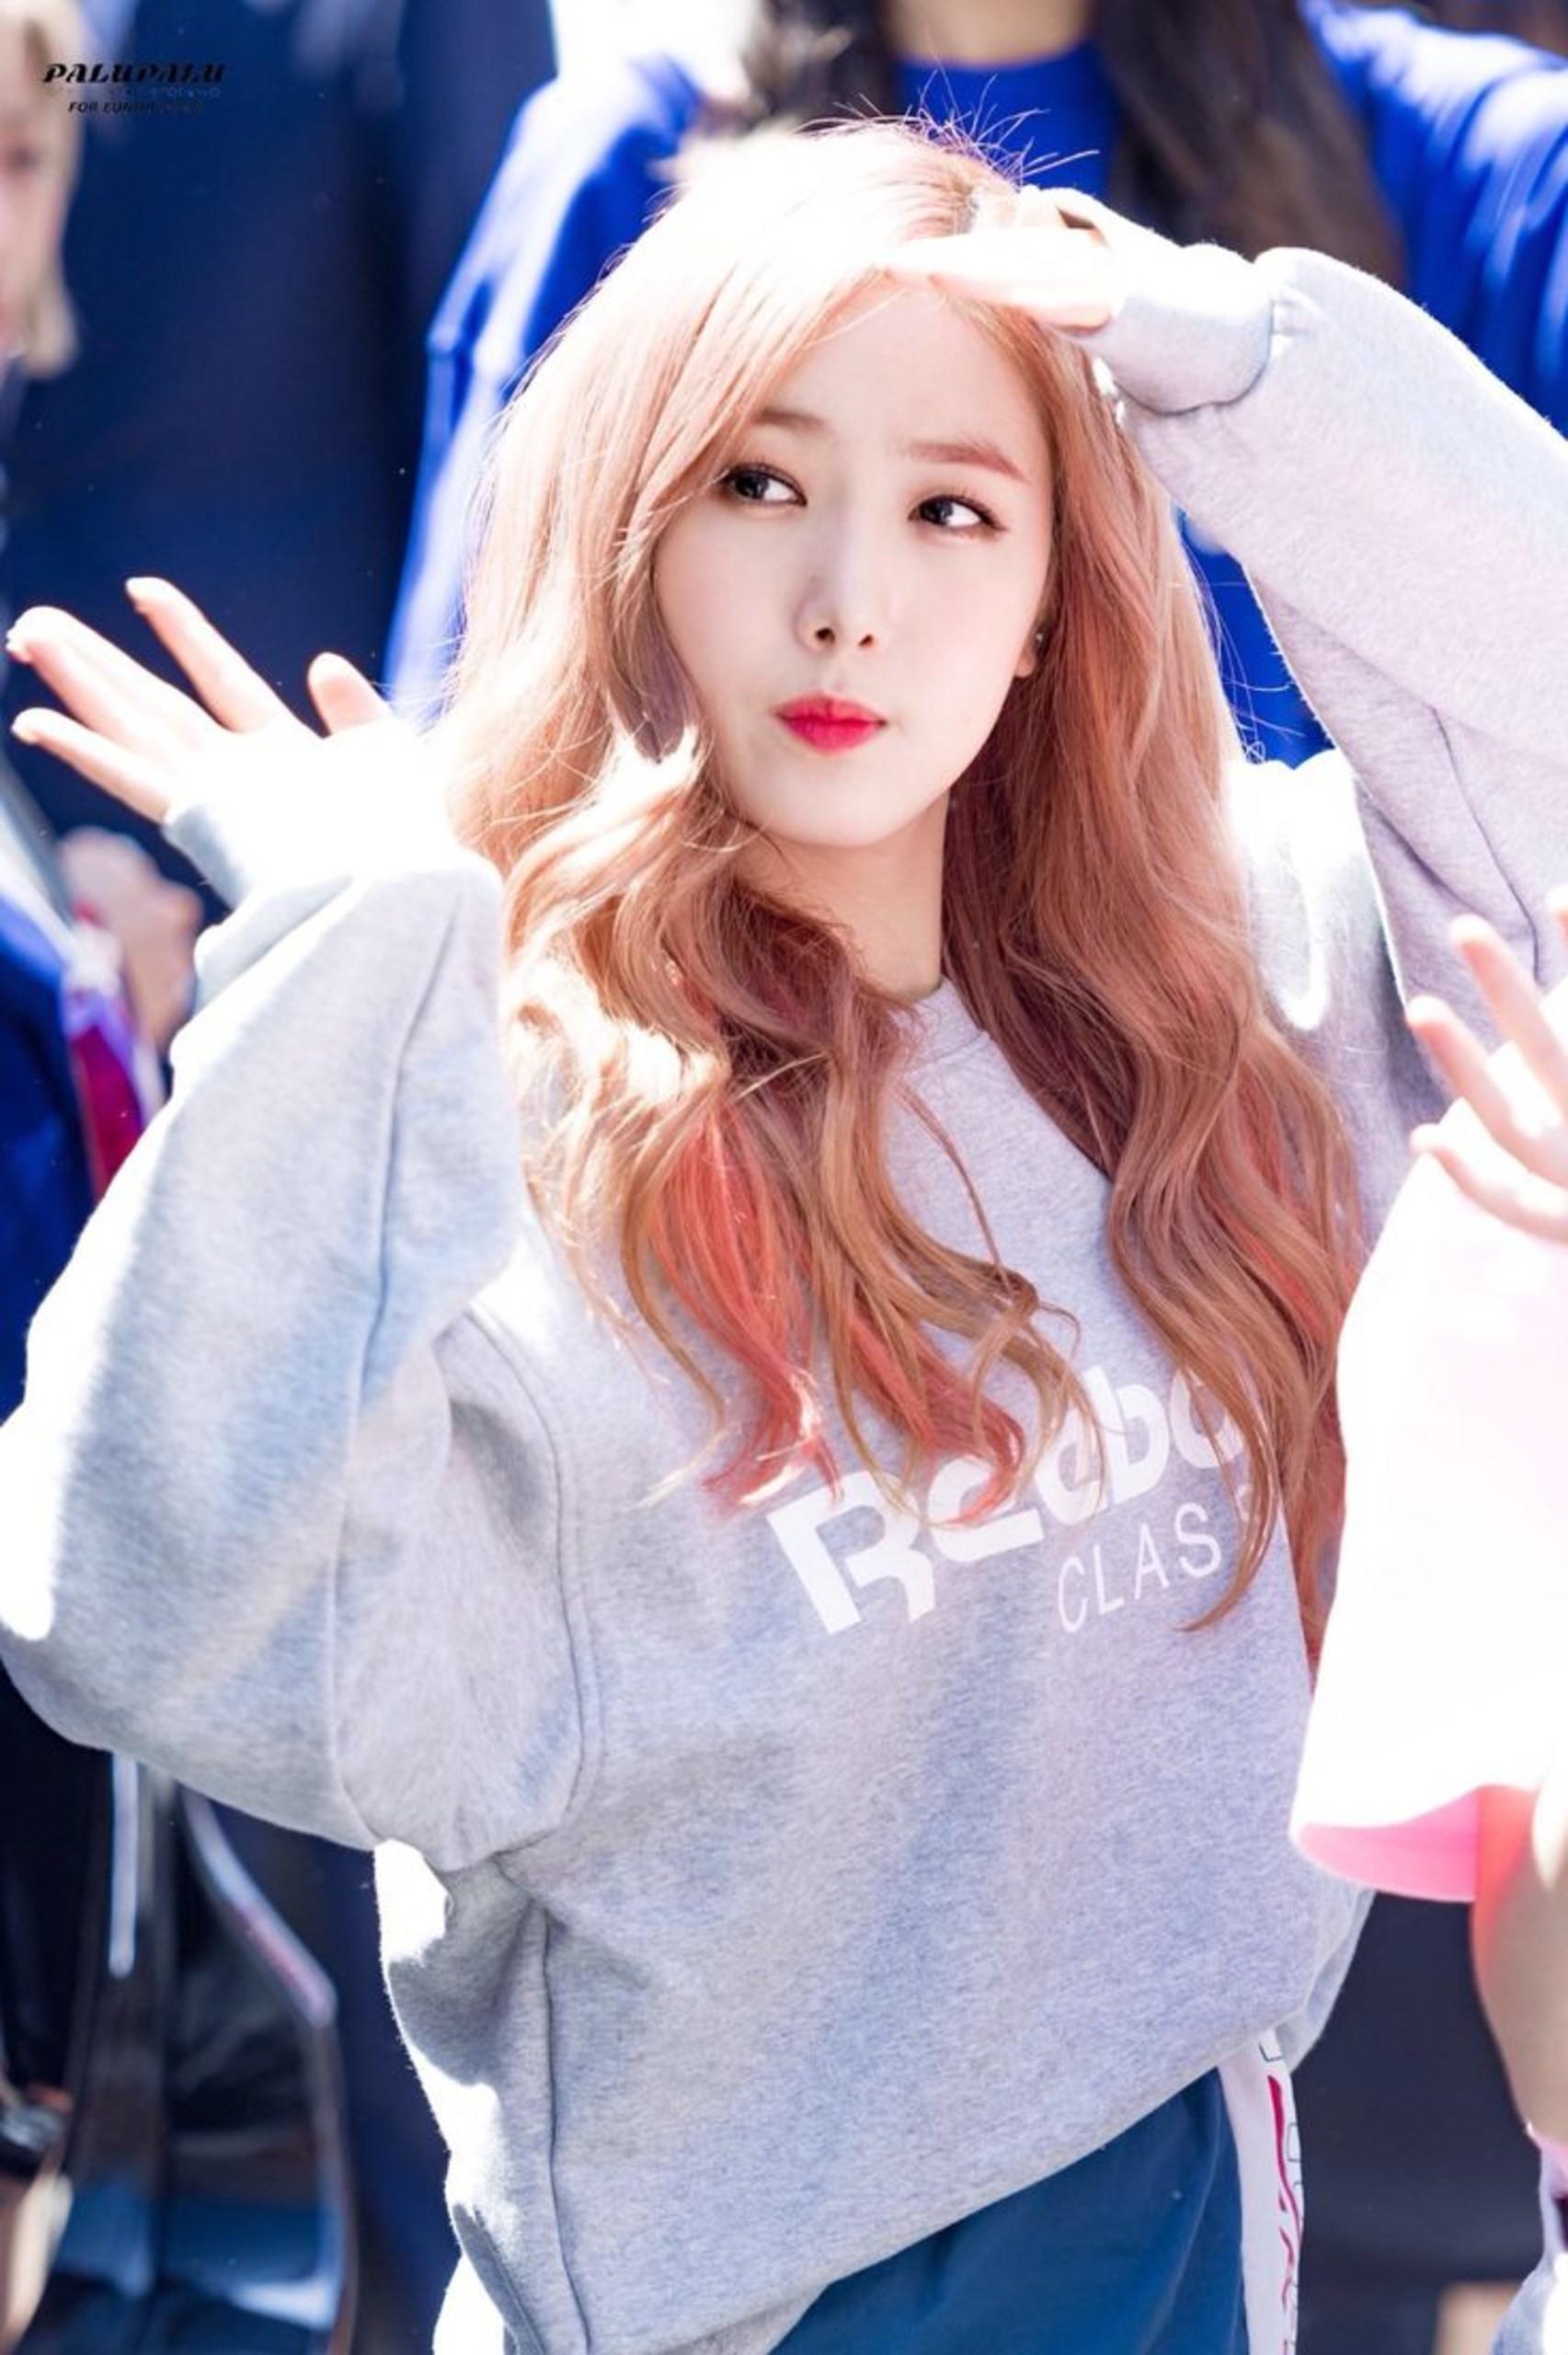 Top 30 idol nữ hot nhất Kpop: Jennie (BLACKPINK) lấn át nữ thần SM, hạng 4 và 5 bất ngờ nhưng Lisa còn khó hiểu hơn - Ảnh 4.